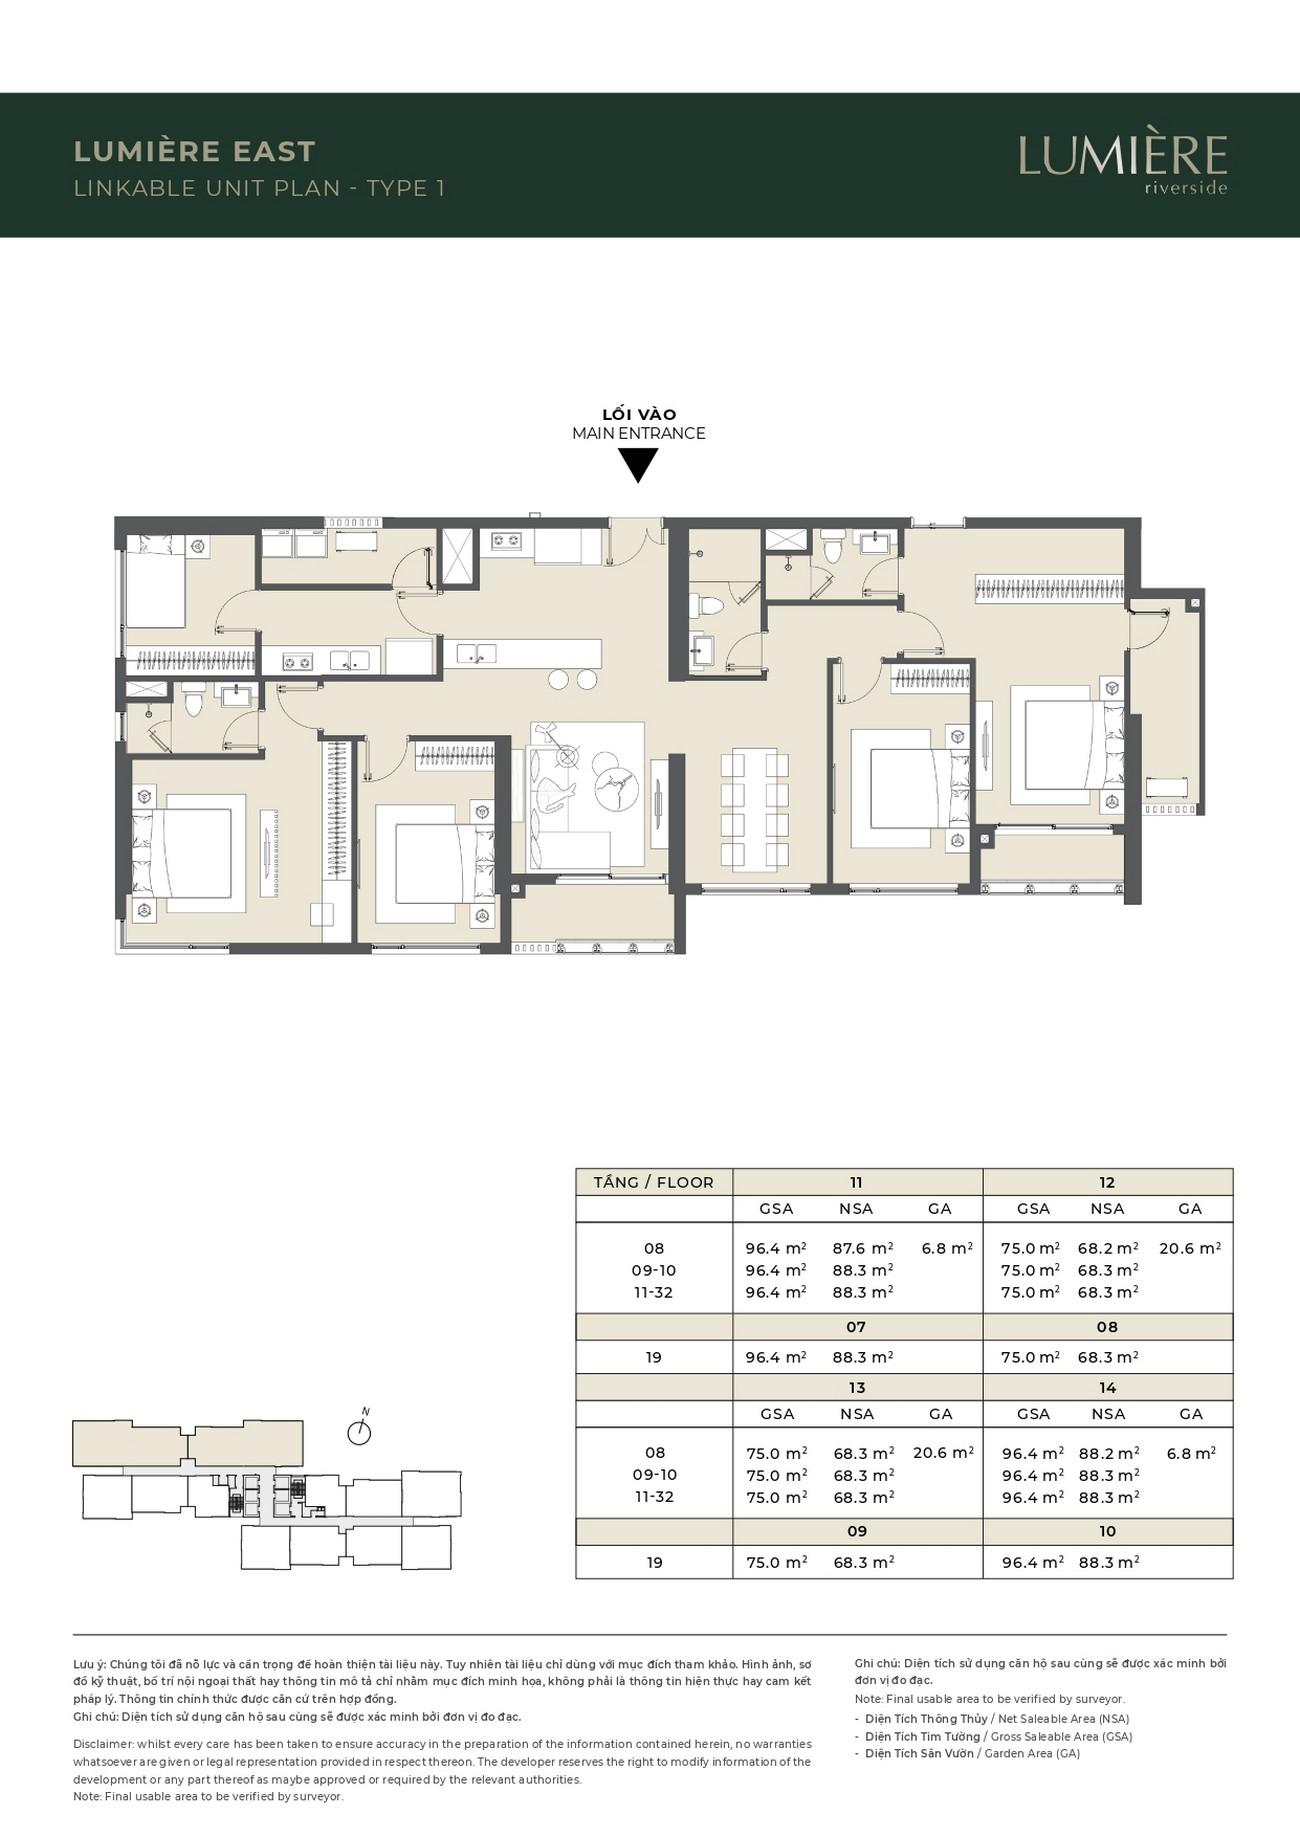 Thiết kế căn hộ ghép Lumiere East dự án căn hộ chung cư Masterise Lumière Riverside Quận 2 Đường Xa Lộ Hà Nội chủ đầu tư Masterise Homes